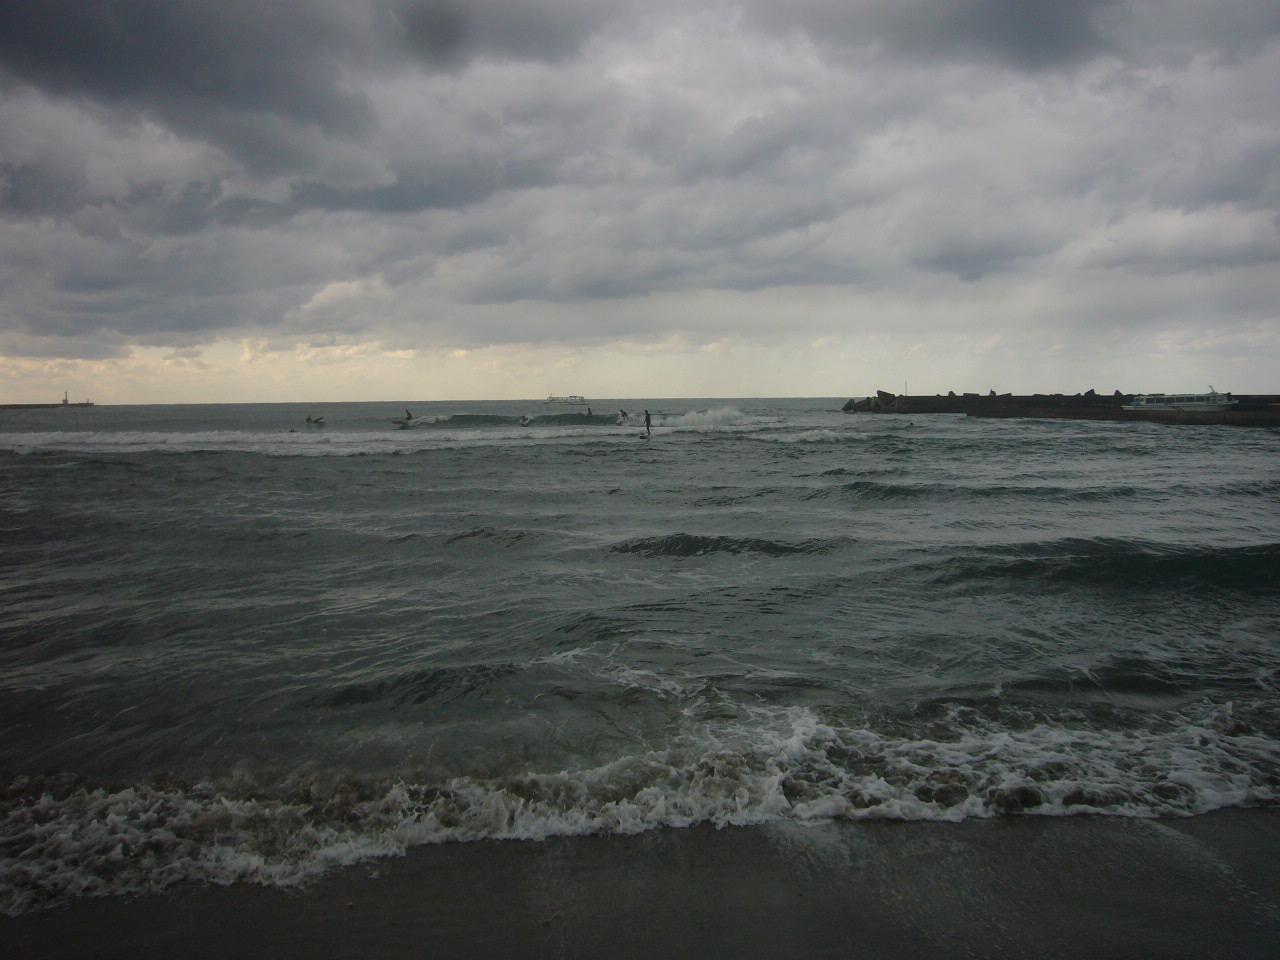 サンセットビーチで H27.10.31